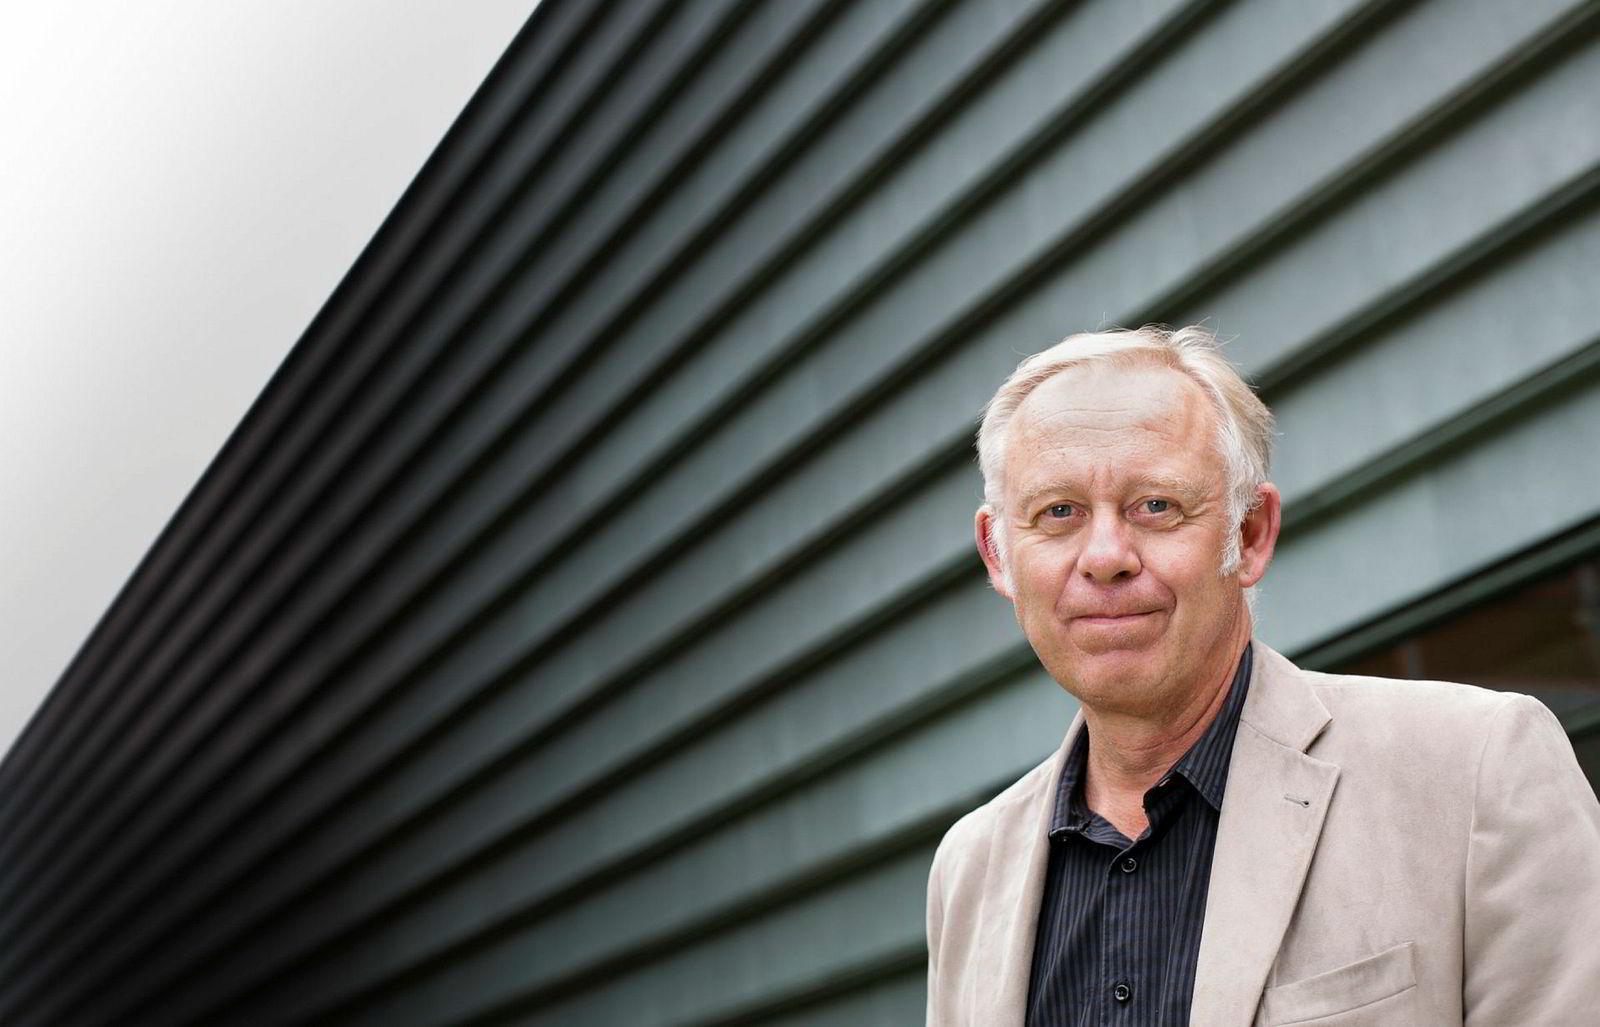 Direktør Petter Nome i Drikkevare- og bryggeriforeningen frykter at den økte sukkeravgiften har skapt en grensehandel som vil få ringvirkninger utover bare brus og godteri.